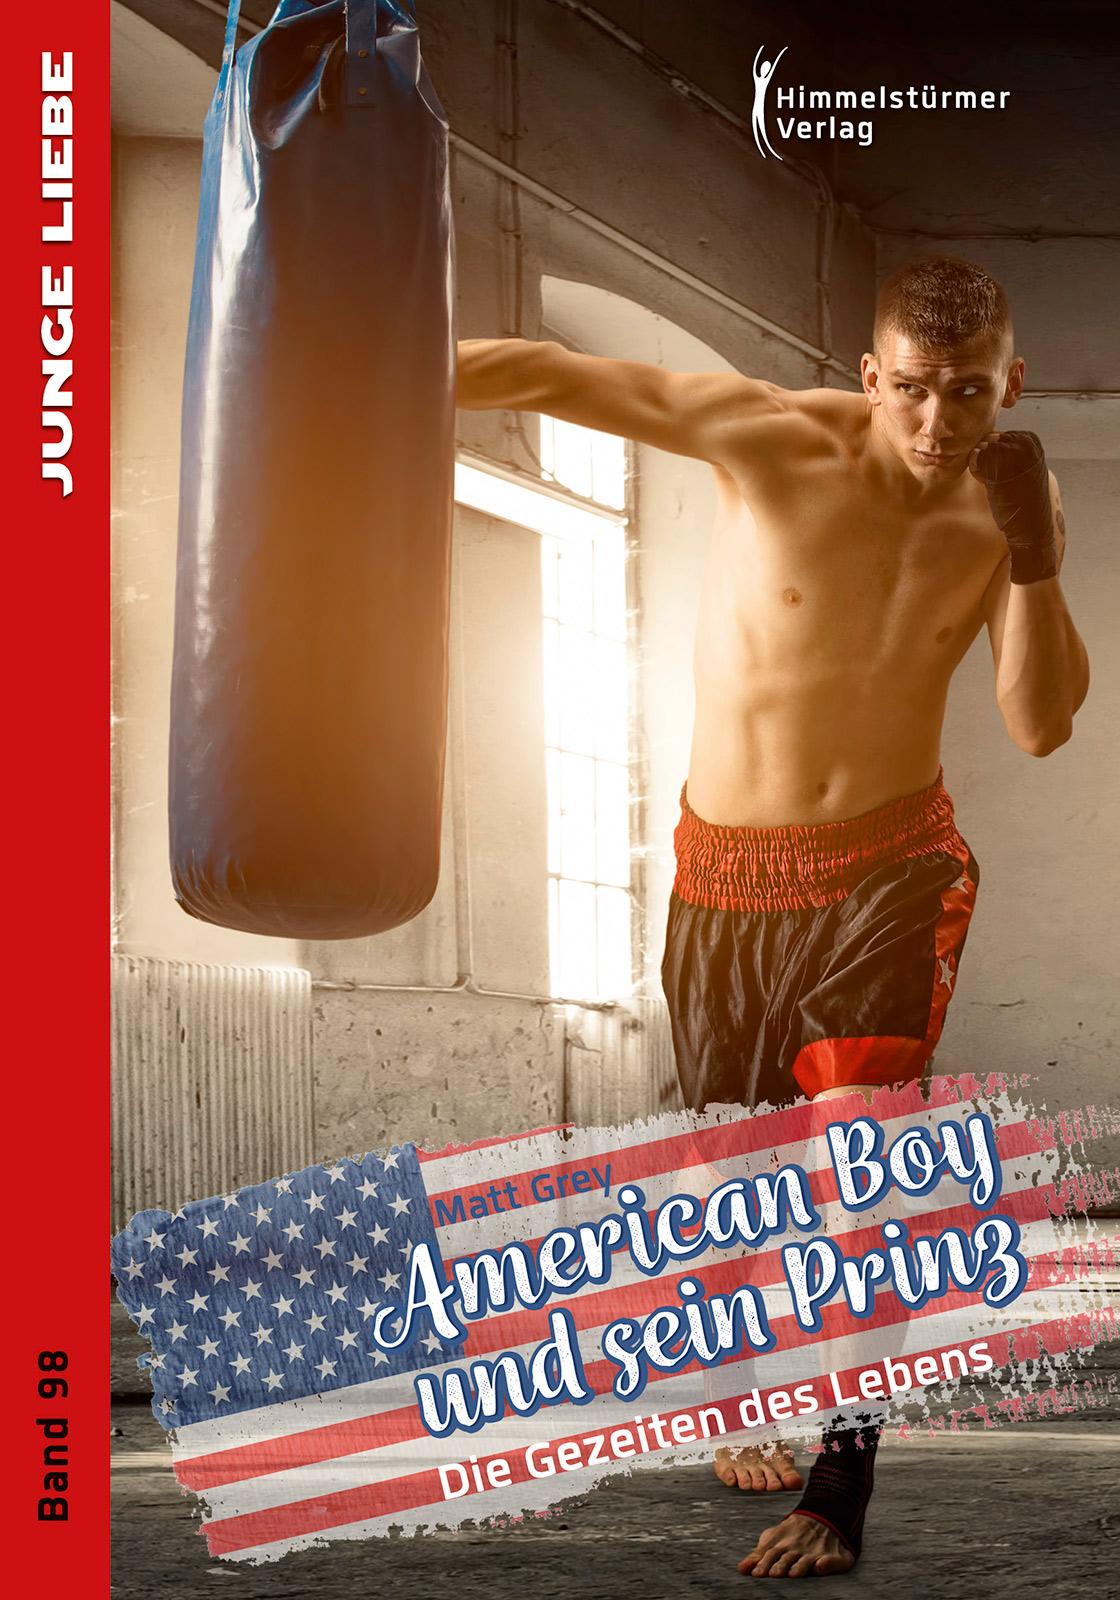 Matt Grey |  American Boy und sein Prinz 3